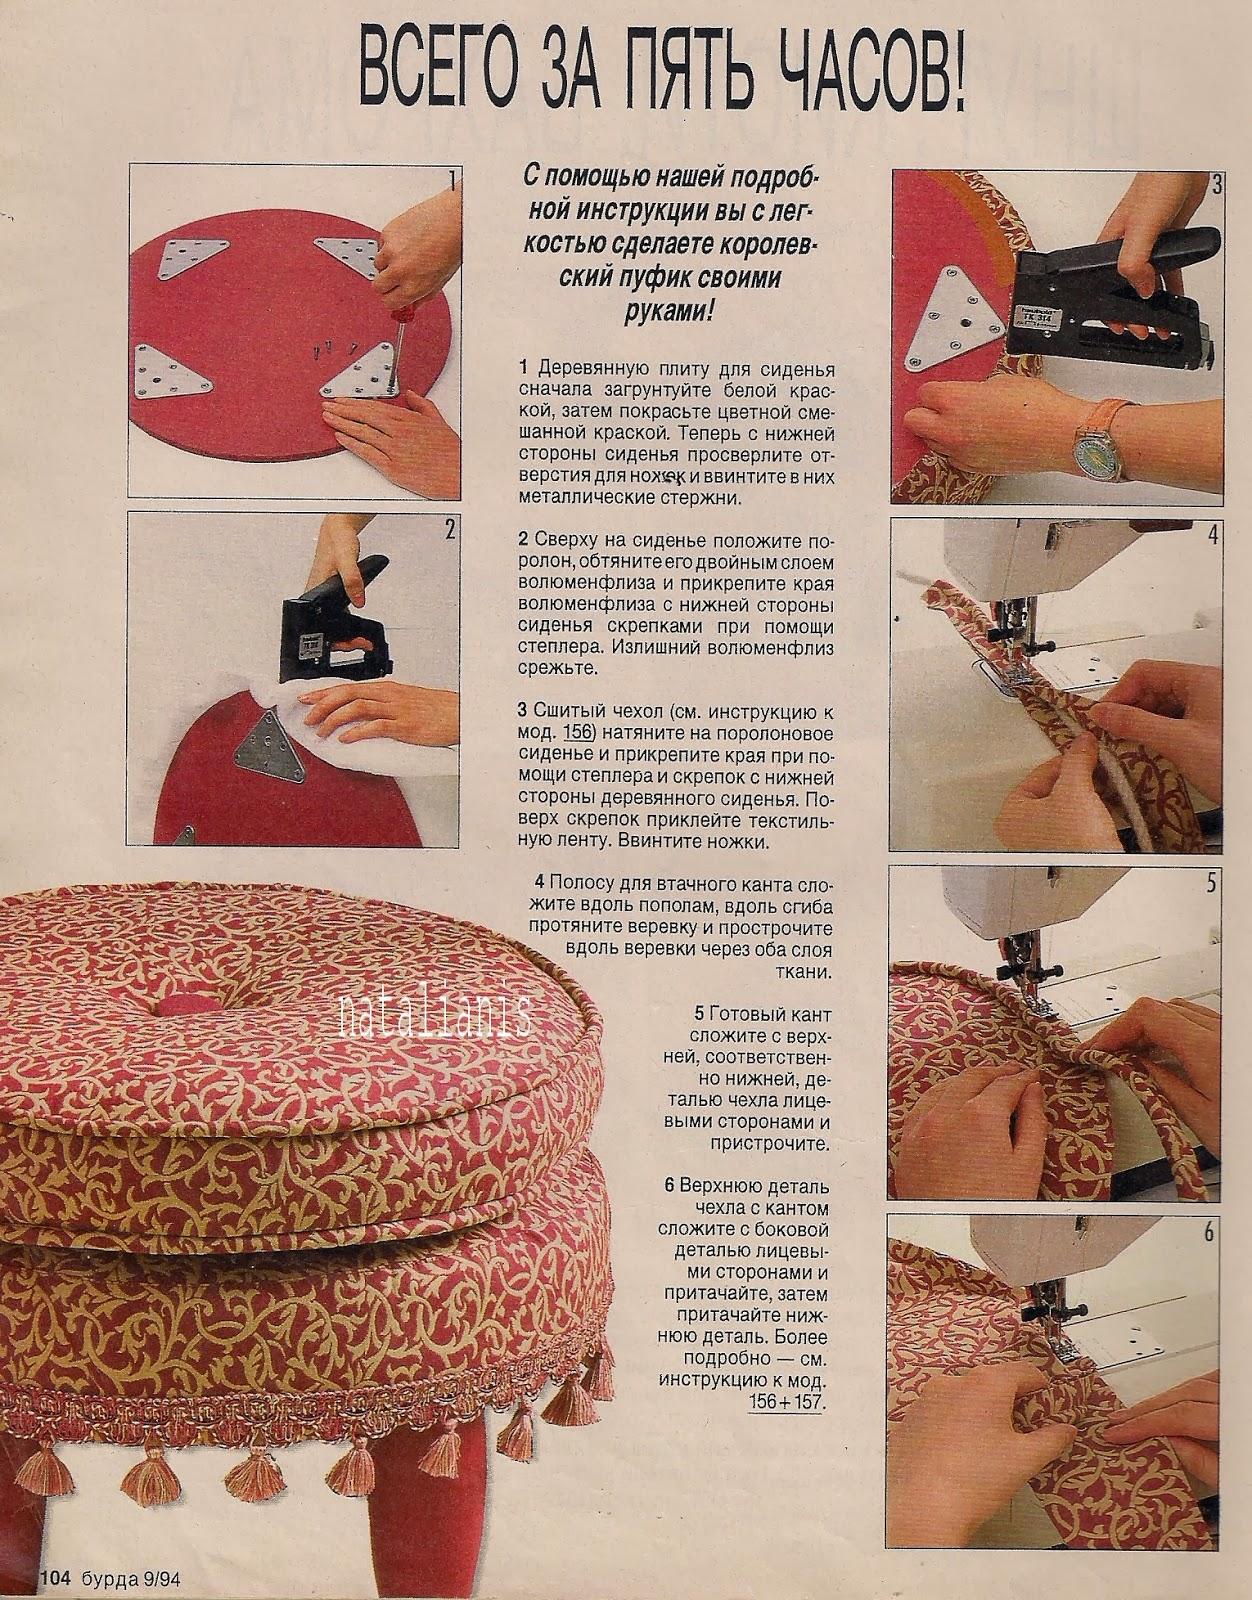 Как сшить чехол для пуфика своими руками пошаговая инструкция 23